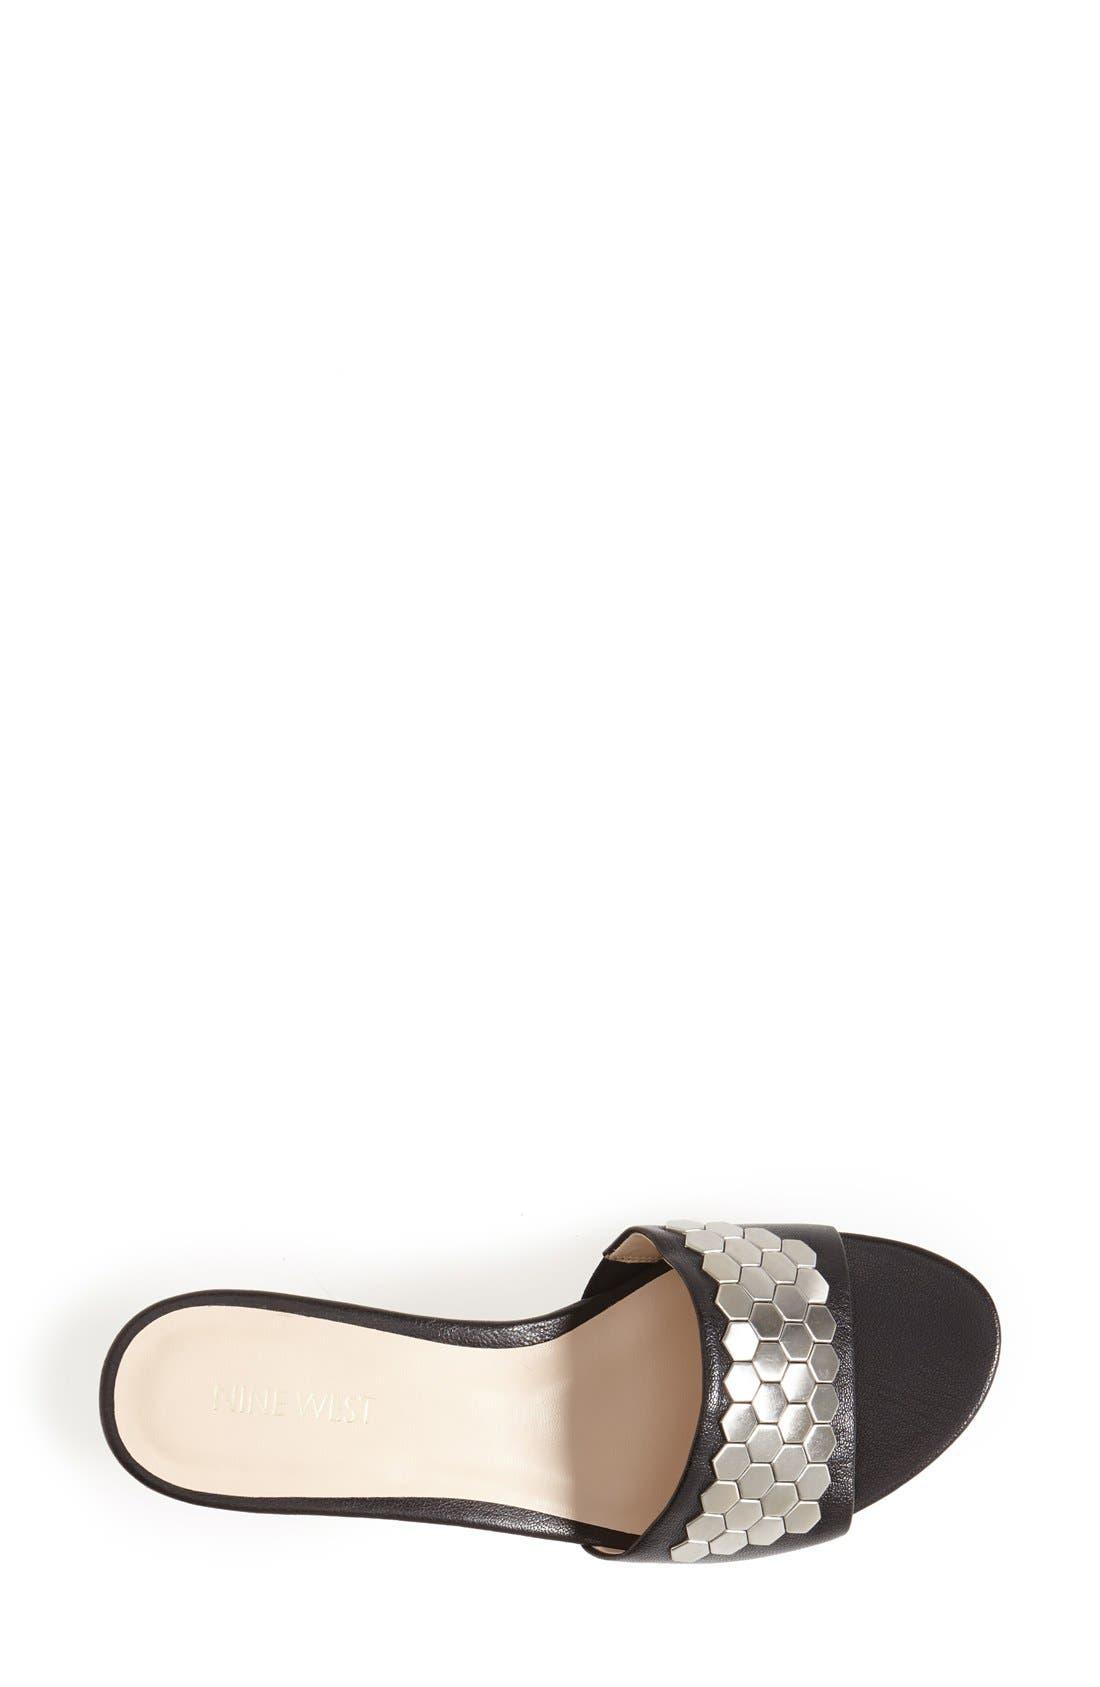 Alternate Image 3  - Nine West 'Casandre' Slide Sandal (Women)